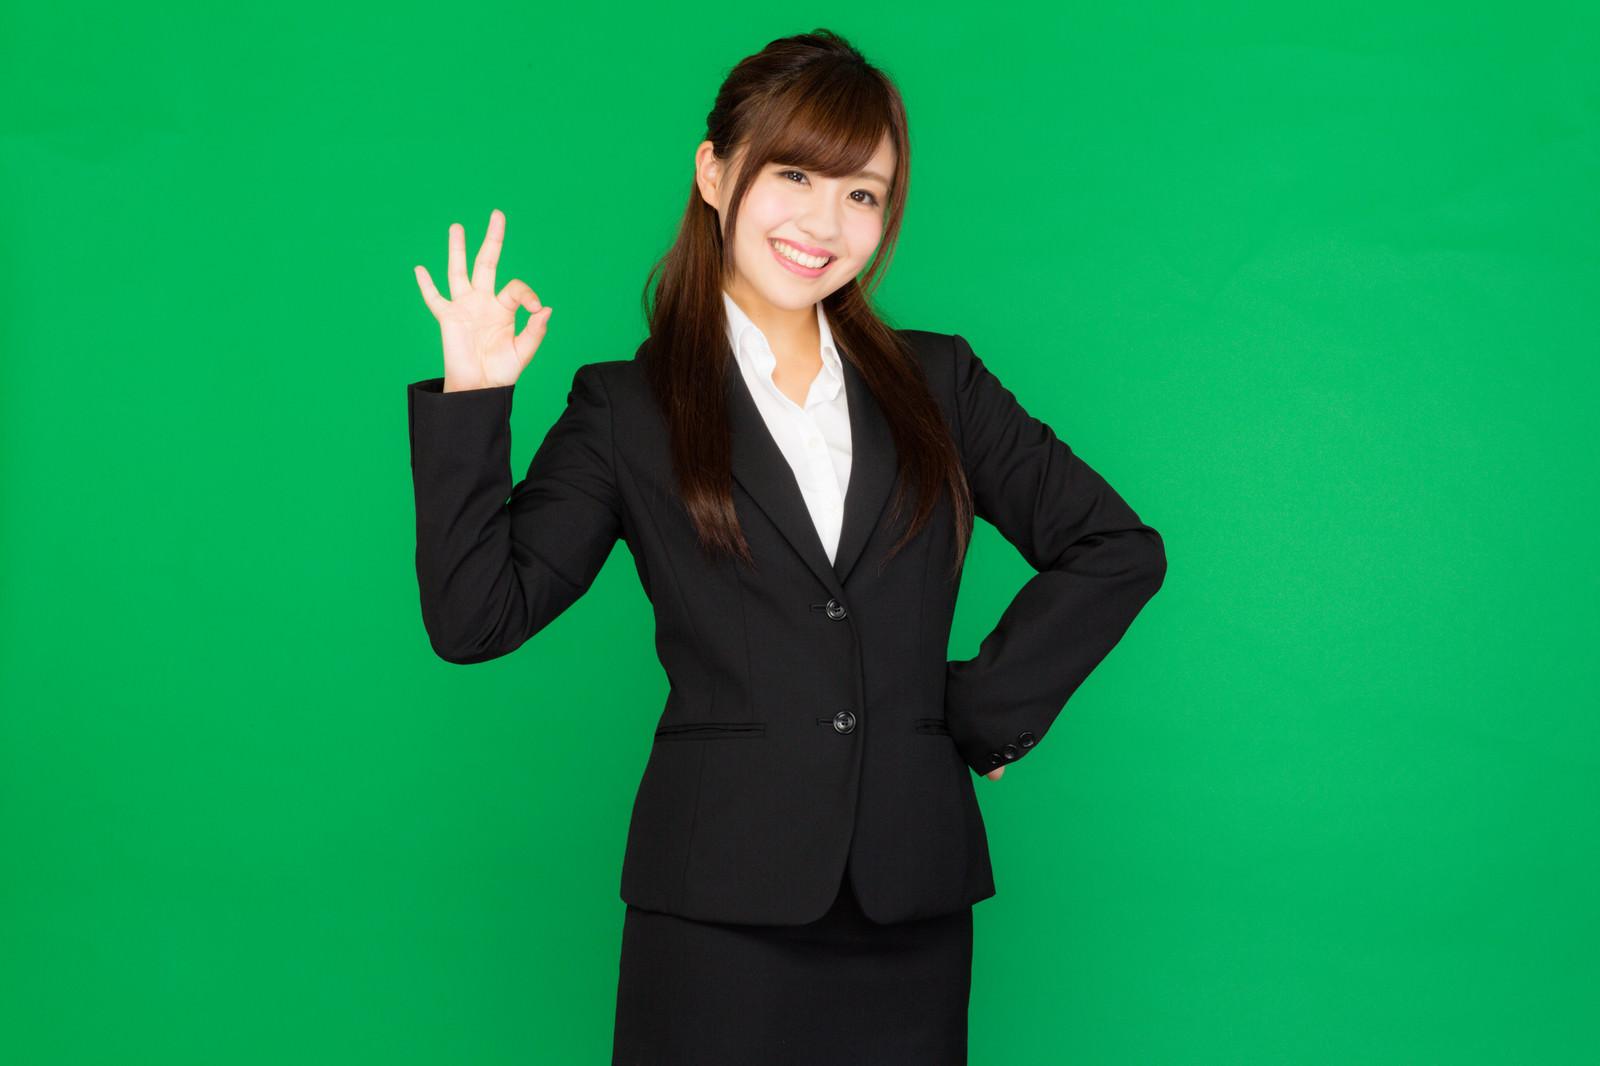 「バッチリOK!と手で合図を送るスーツ姿の若い女性(グリーンバック)バッチリOK!と手で合図を送るスーツ姿の若い女性(グリーンバック)」[モデル:河村友歌]のフリー写真素材